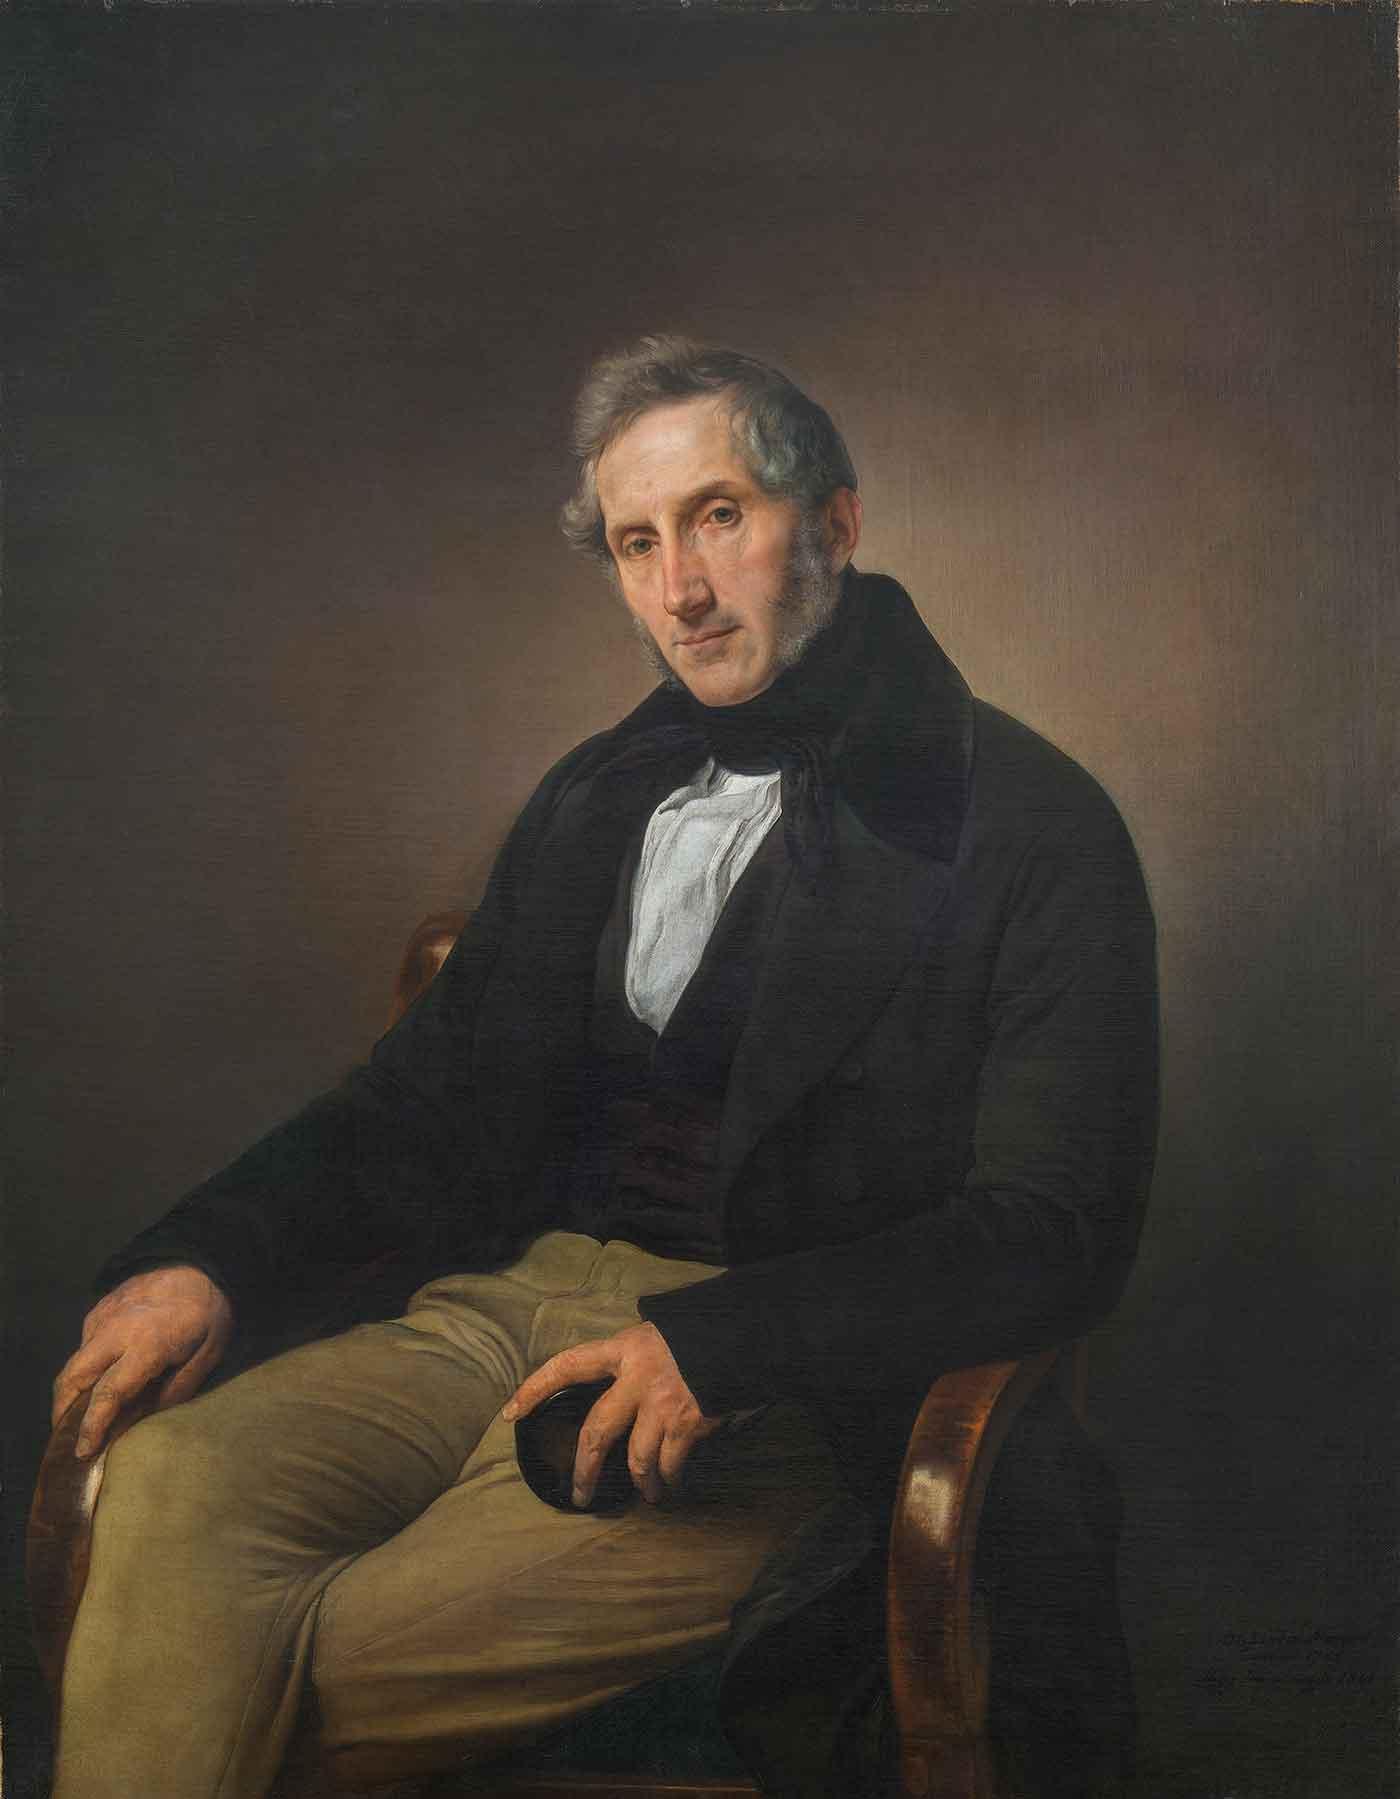 Ritratto di Alessandro Manzoni, Francesco Hayez dopo il restauro (fig. 10)